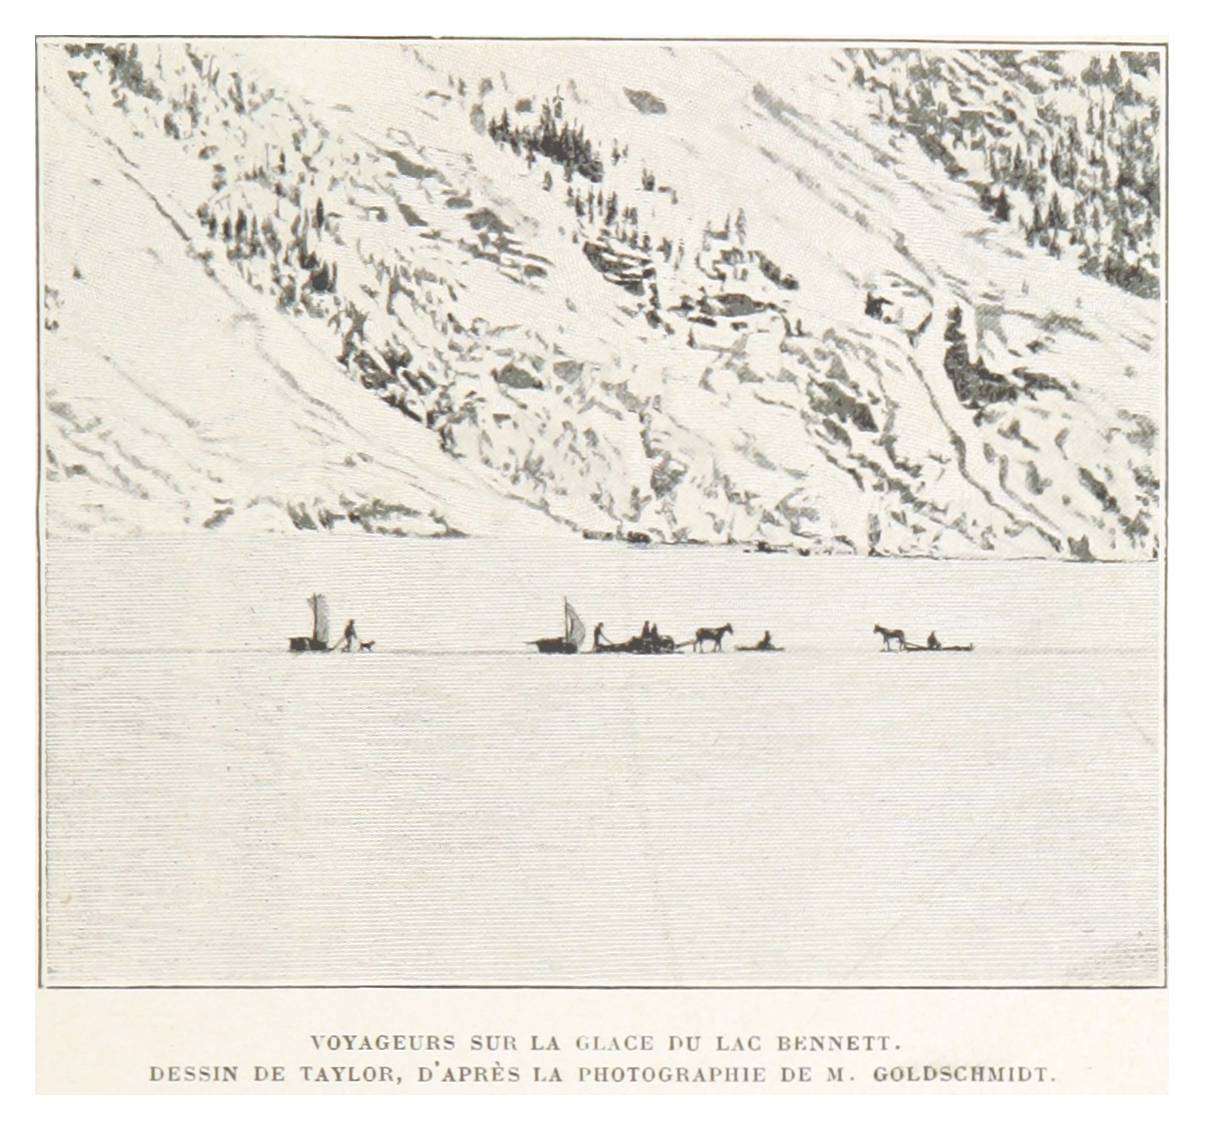 Fileboillot1899 P073 Voyageurs Sur La Glace Du Lac